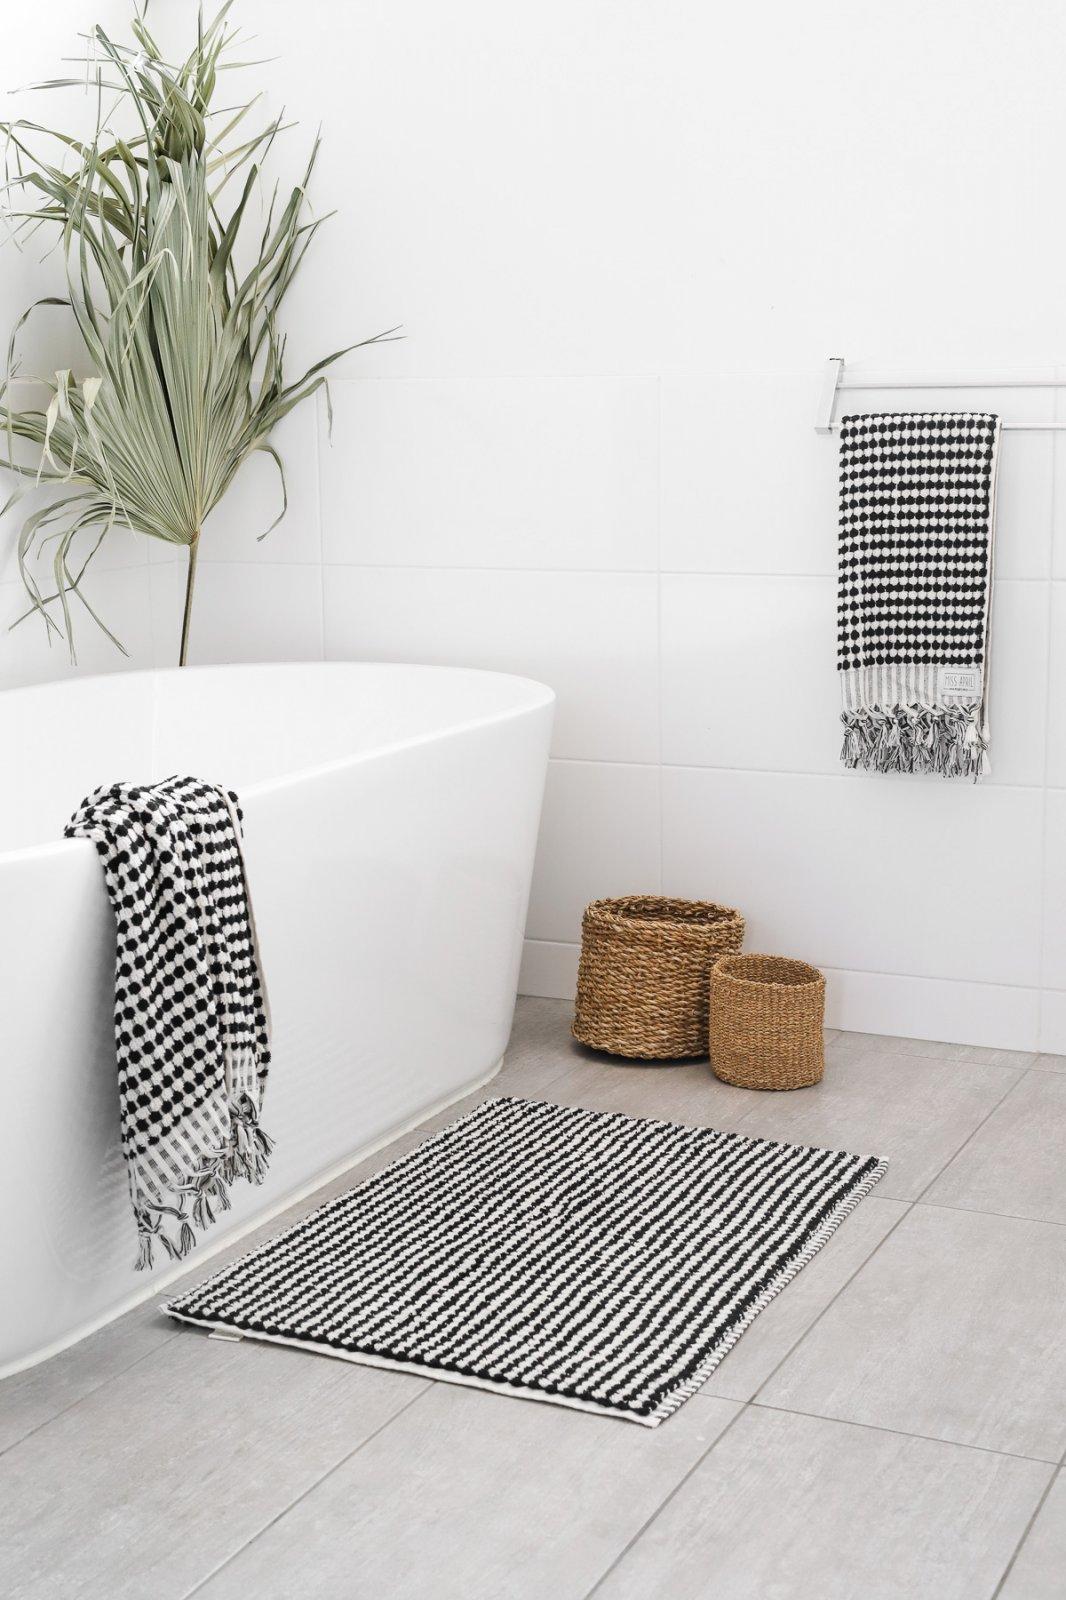 Miss April - Pom Pom Bath Towel - Black and White